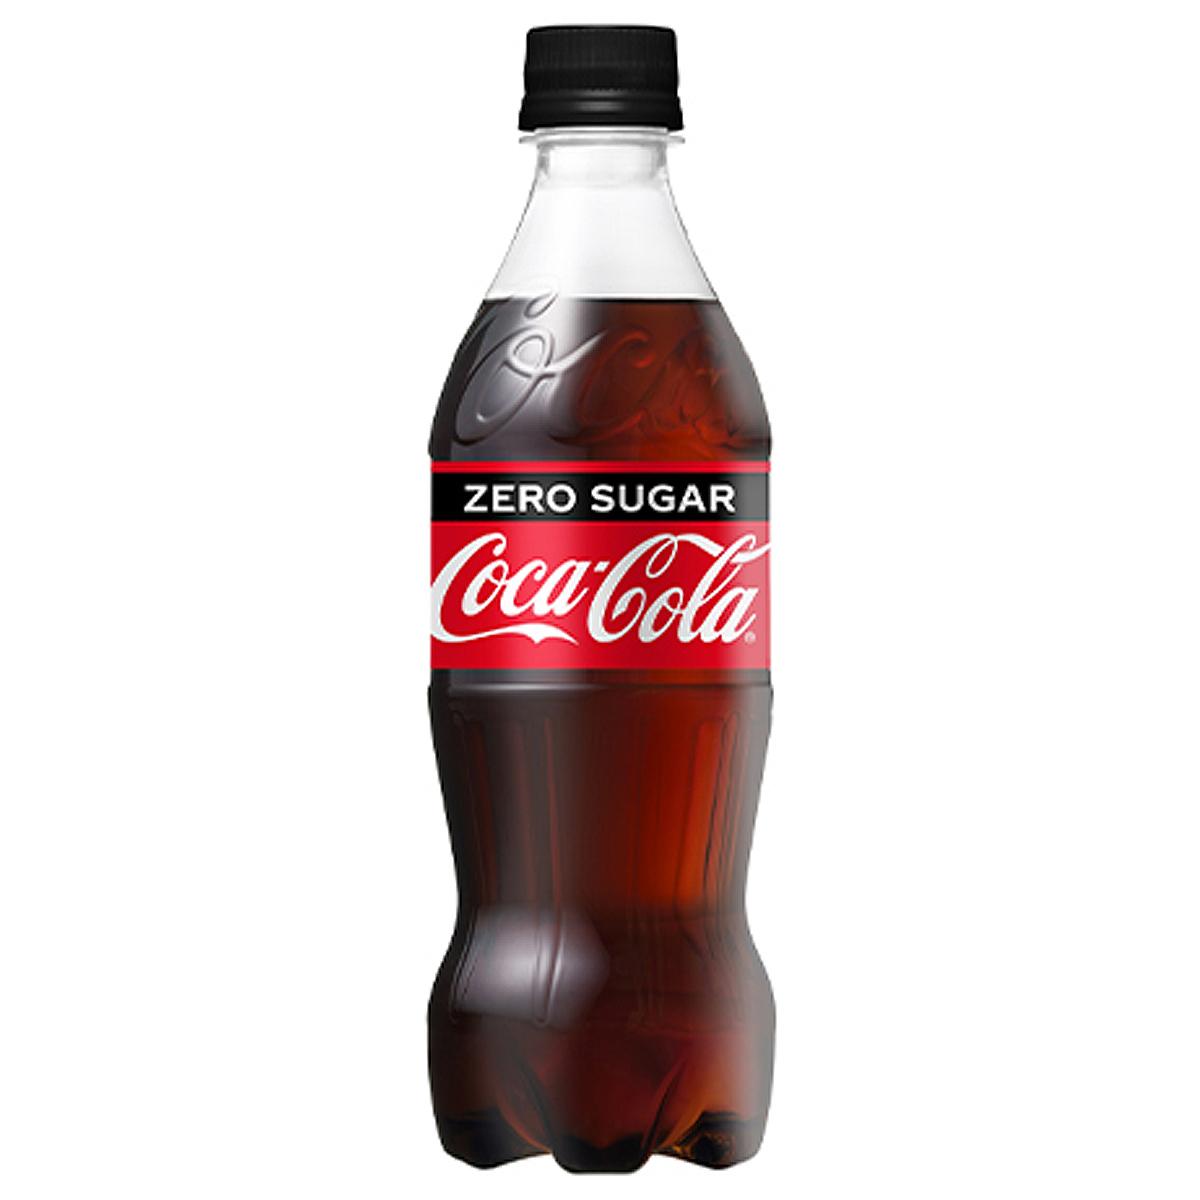 【2ケースセット】コカ・コーラ コカ・コーラ ゼロ PET 500mL 飲料 飲み物 ペットボトル ソフトドリンク 24本×2ケース 買い回り 買い周り 買いまわり ポイント消化